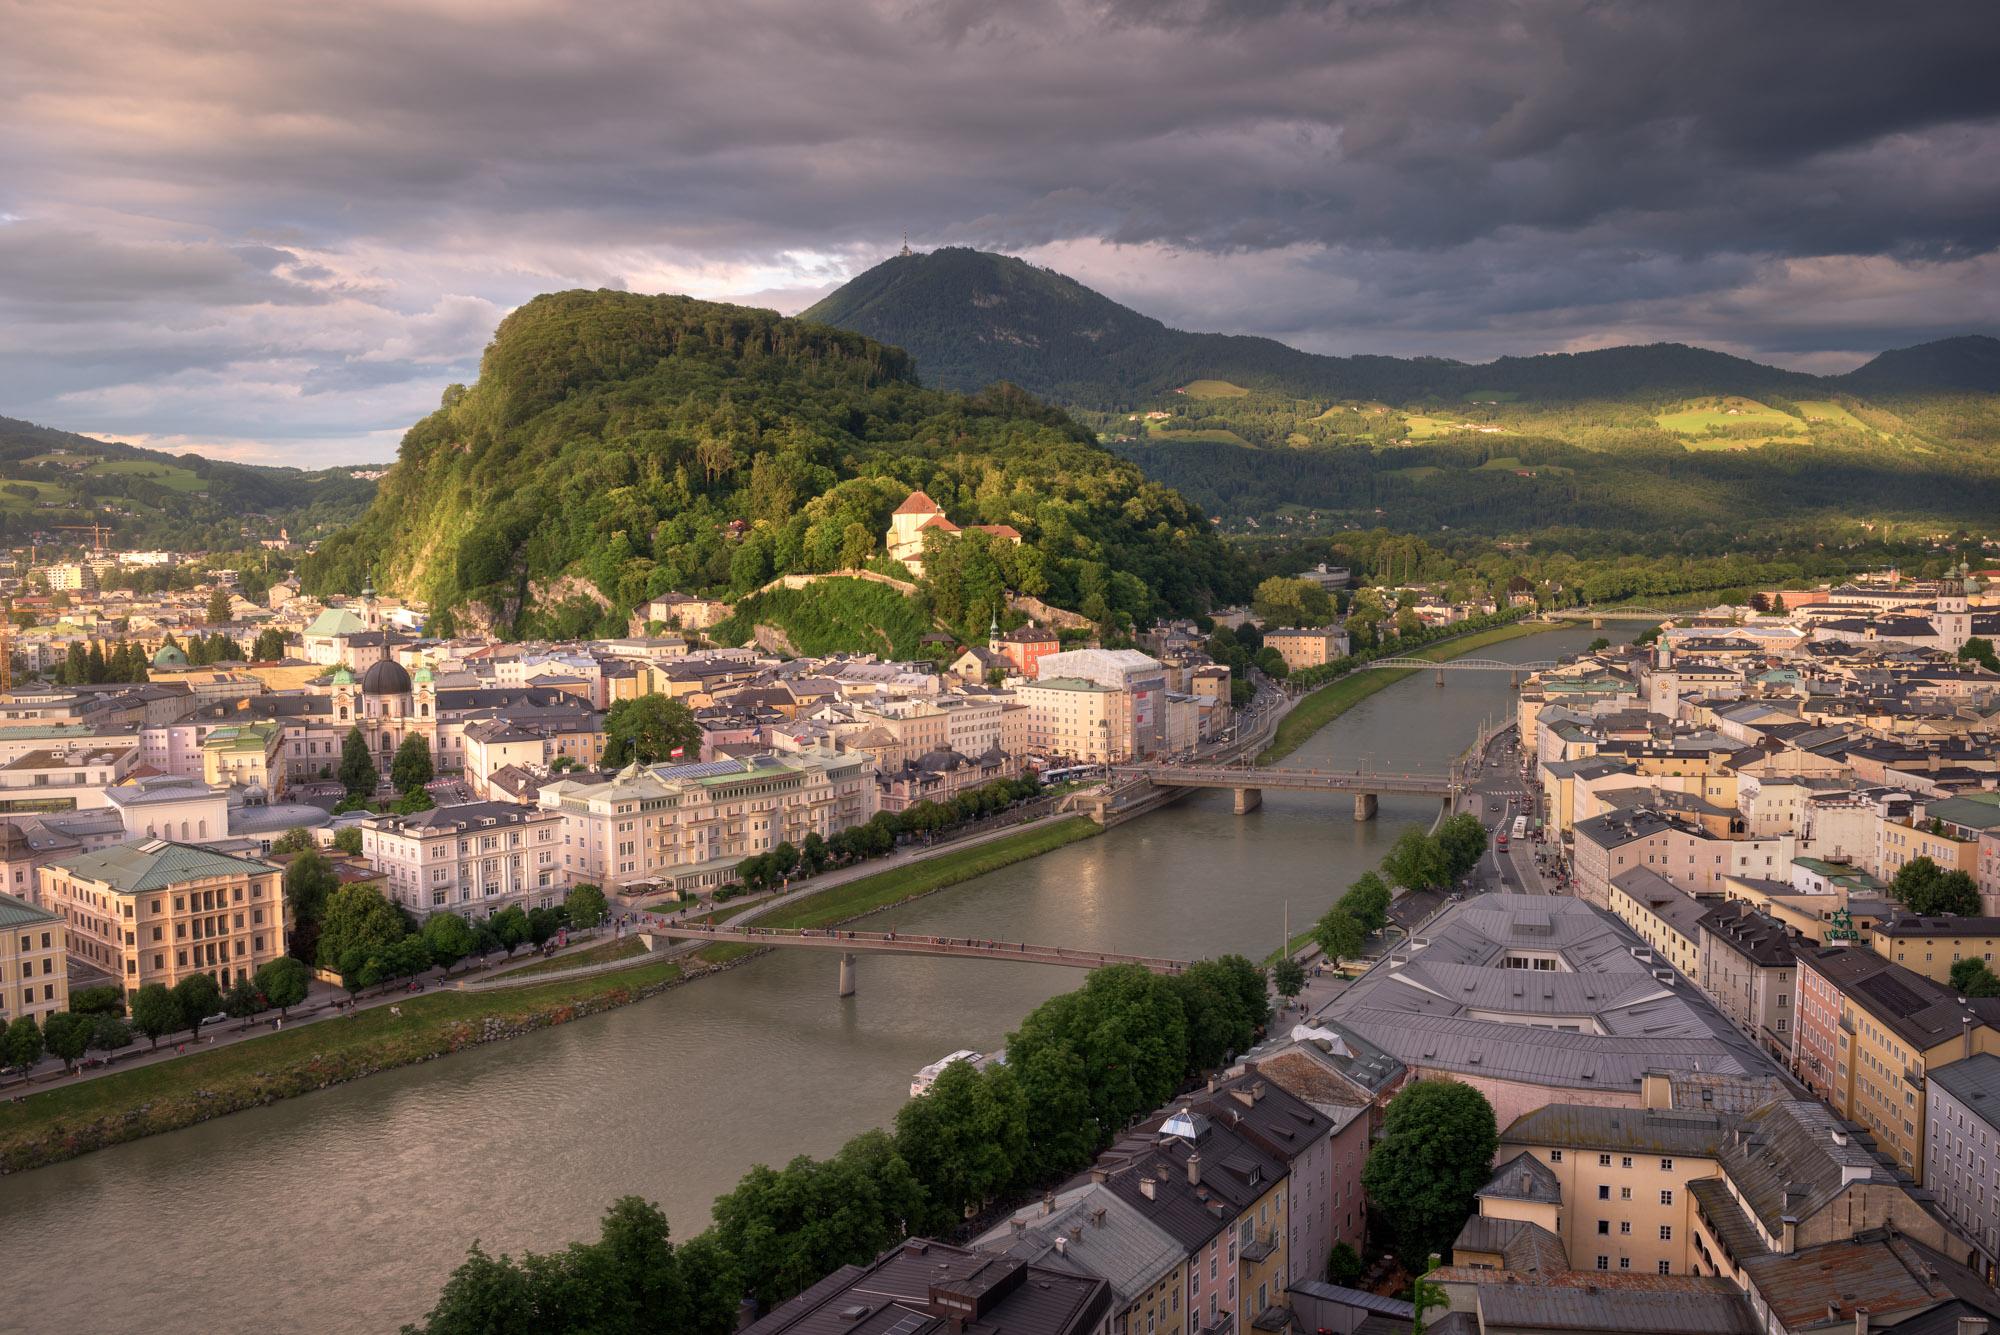 Aerial View of Kapuzinerkloster, Salzburg, Austria